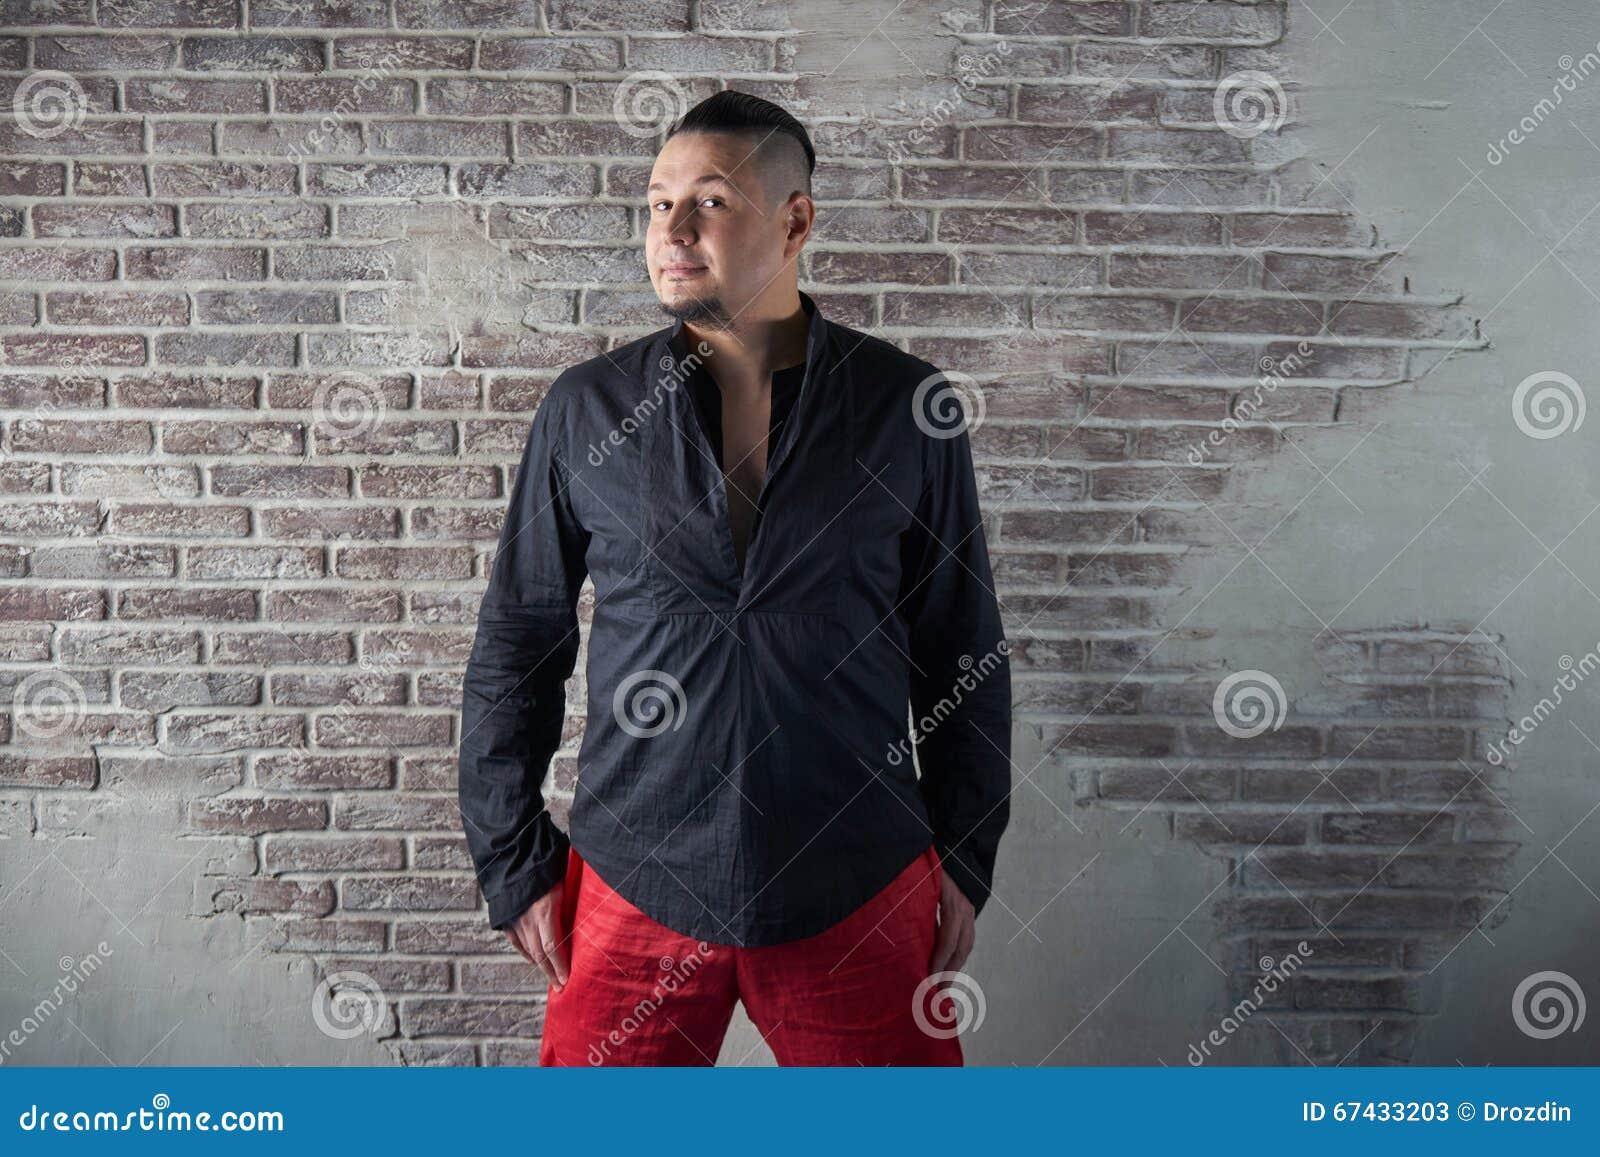 Retrato de un hombre joven, rechoncho, vestido en holguras rojas y una camisa negra